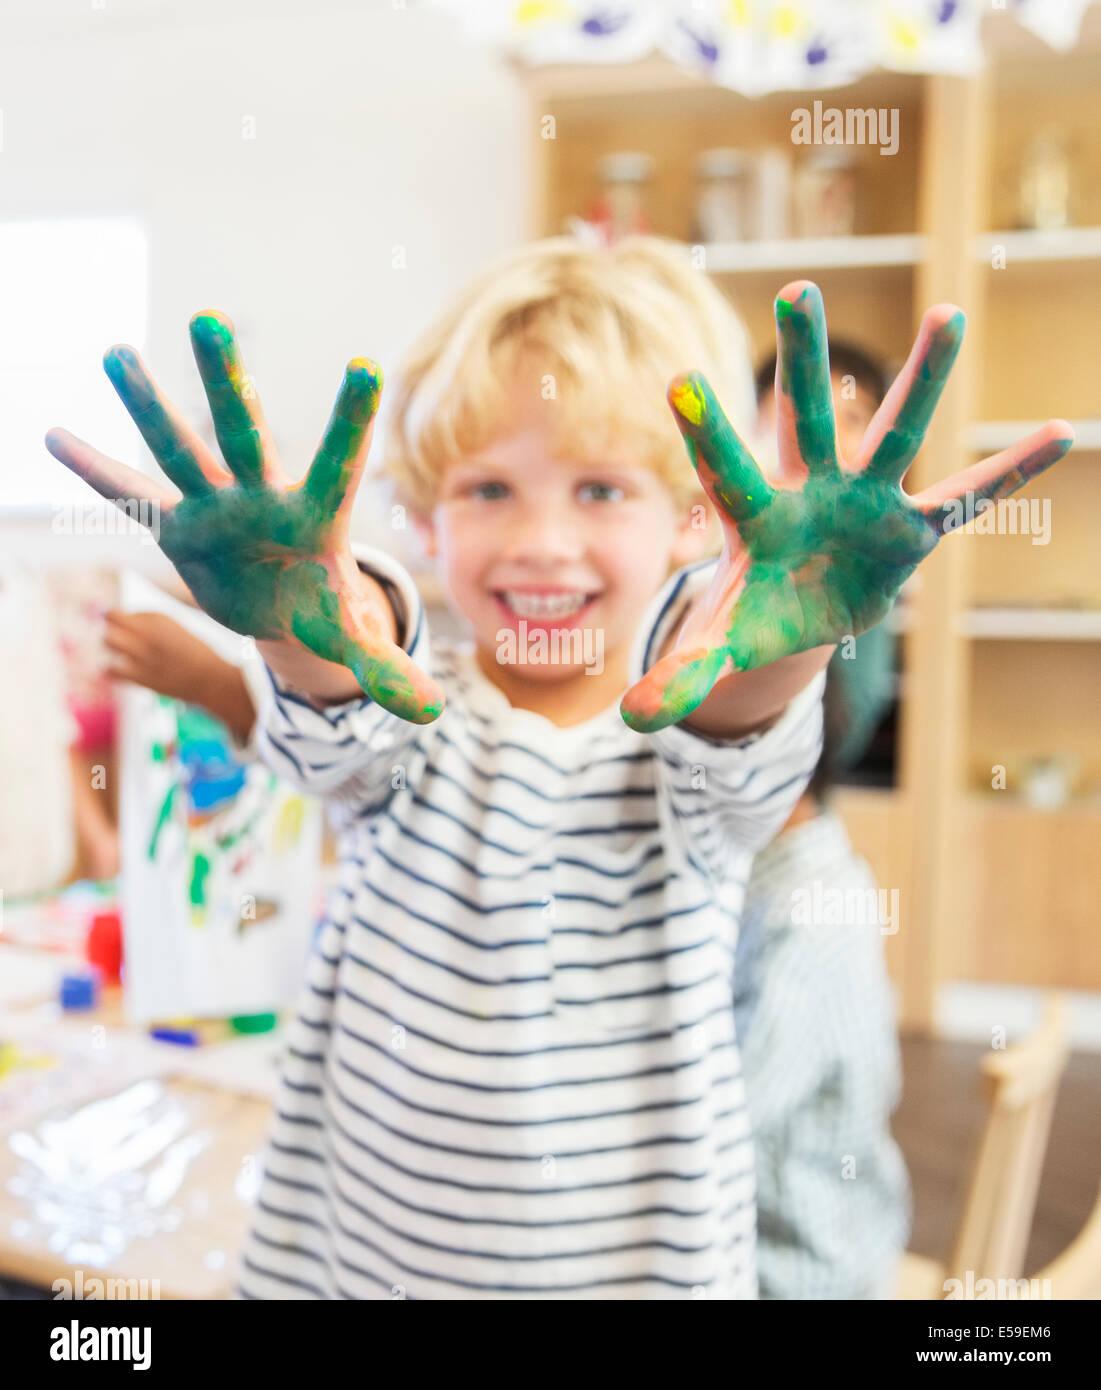 Studente di mostrare a tutti le mani sporche in aula Immagini Stock